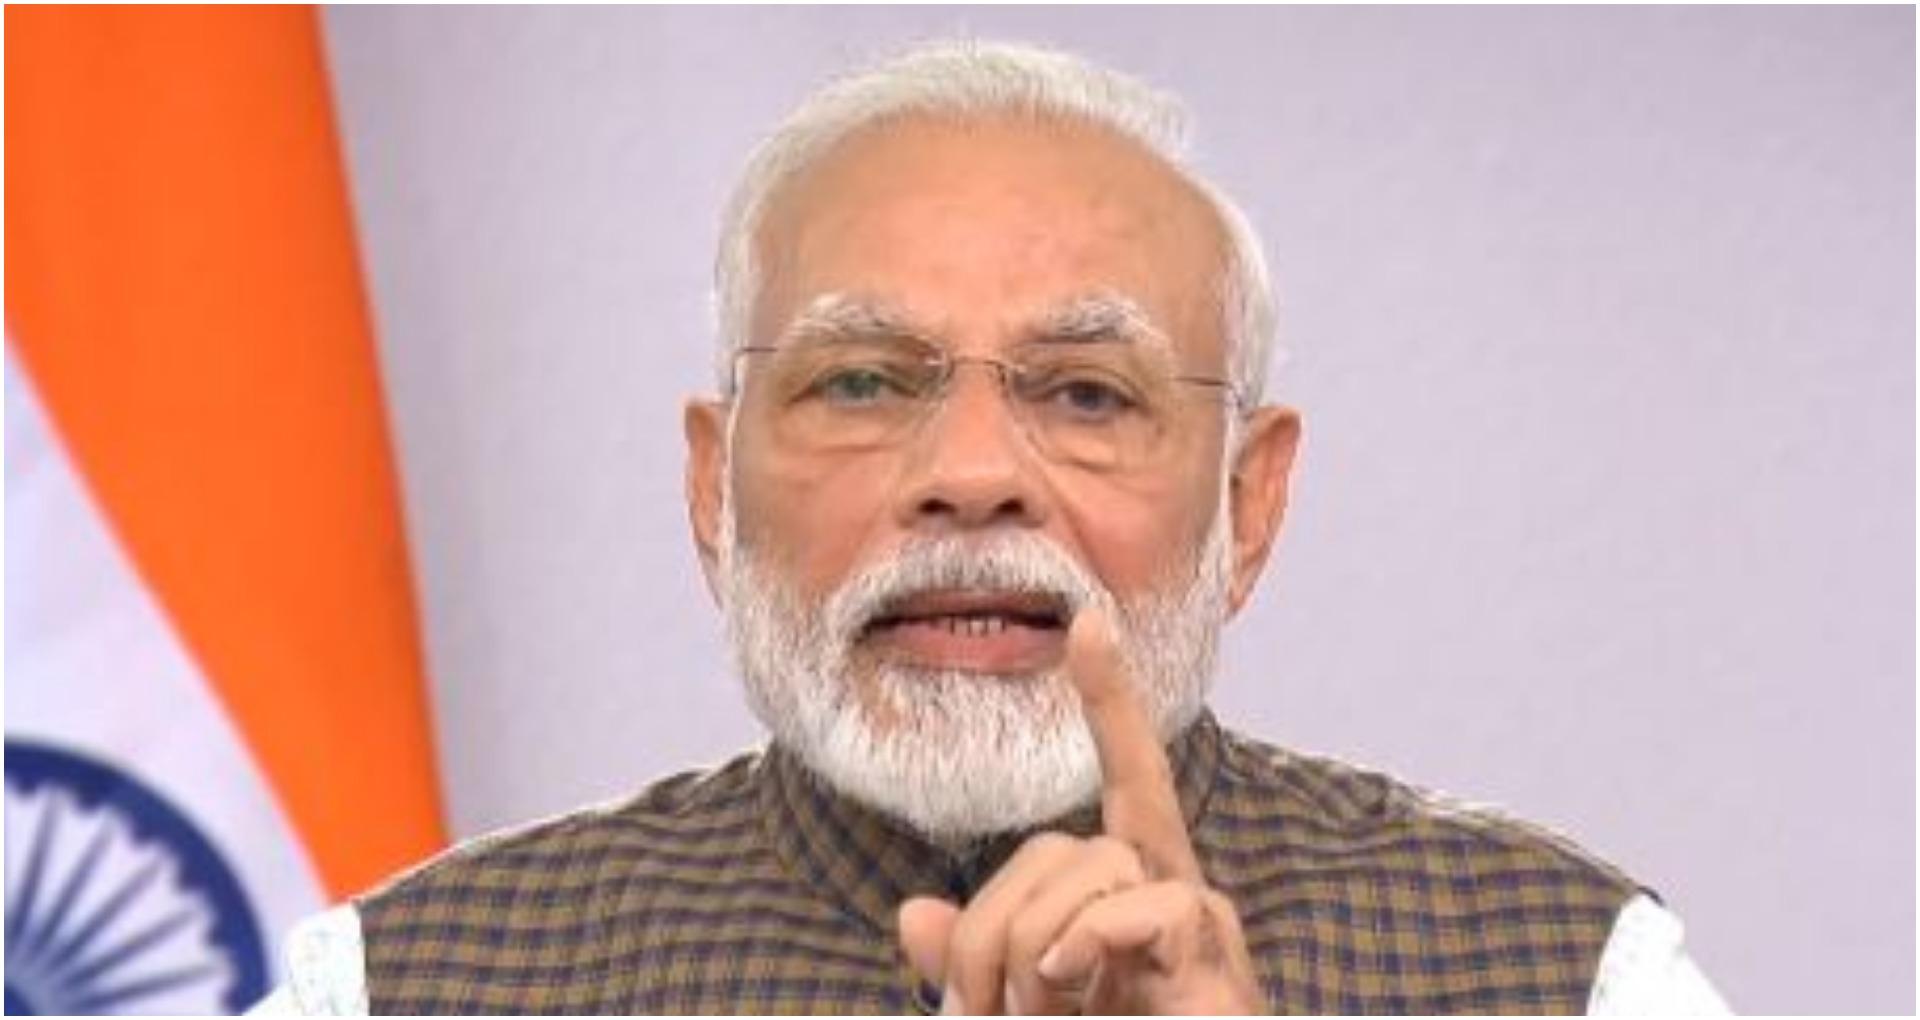 Coronavirus Lockdown: पीएम मोदी ने कहा- हम COVID -19 से लड़ेंगे और एक स्वस्थ भारत बनाएंगे